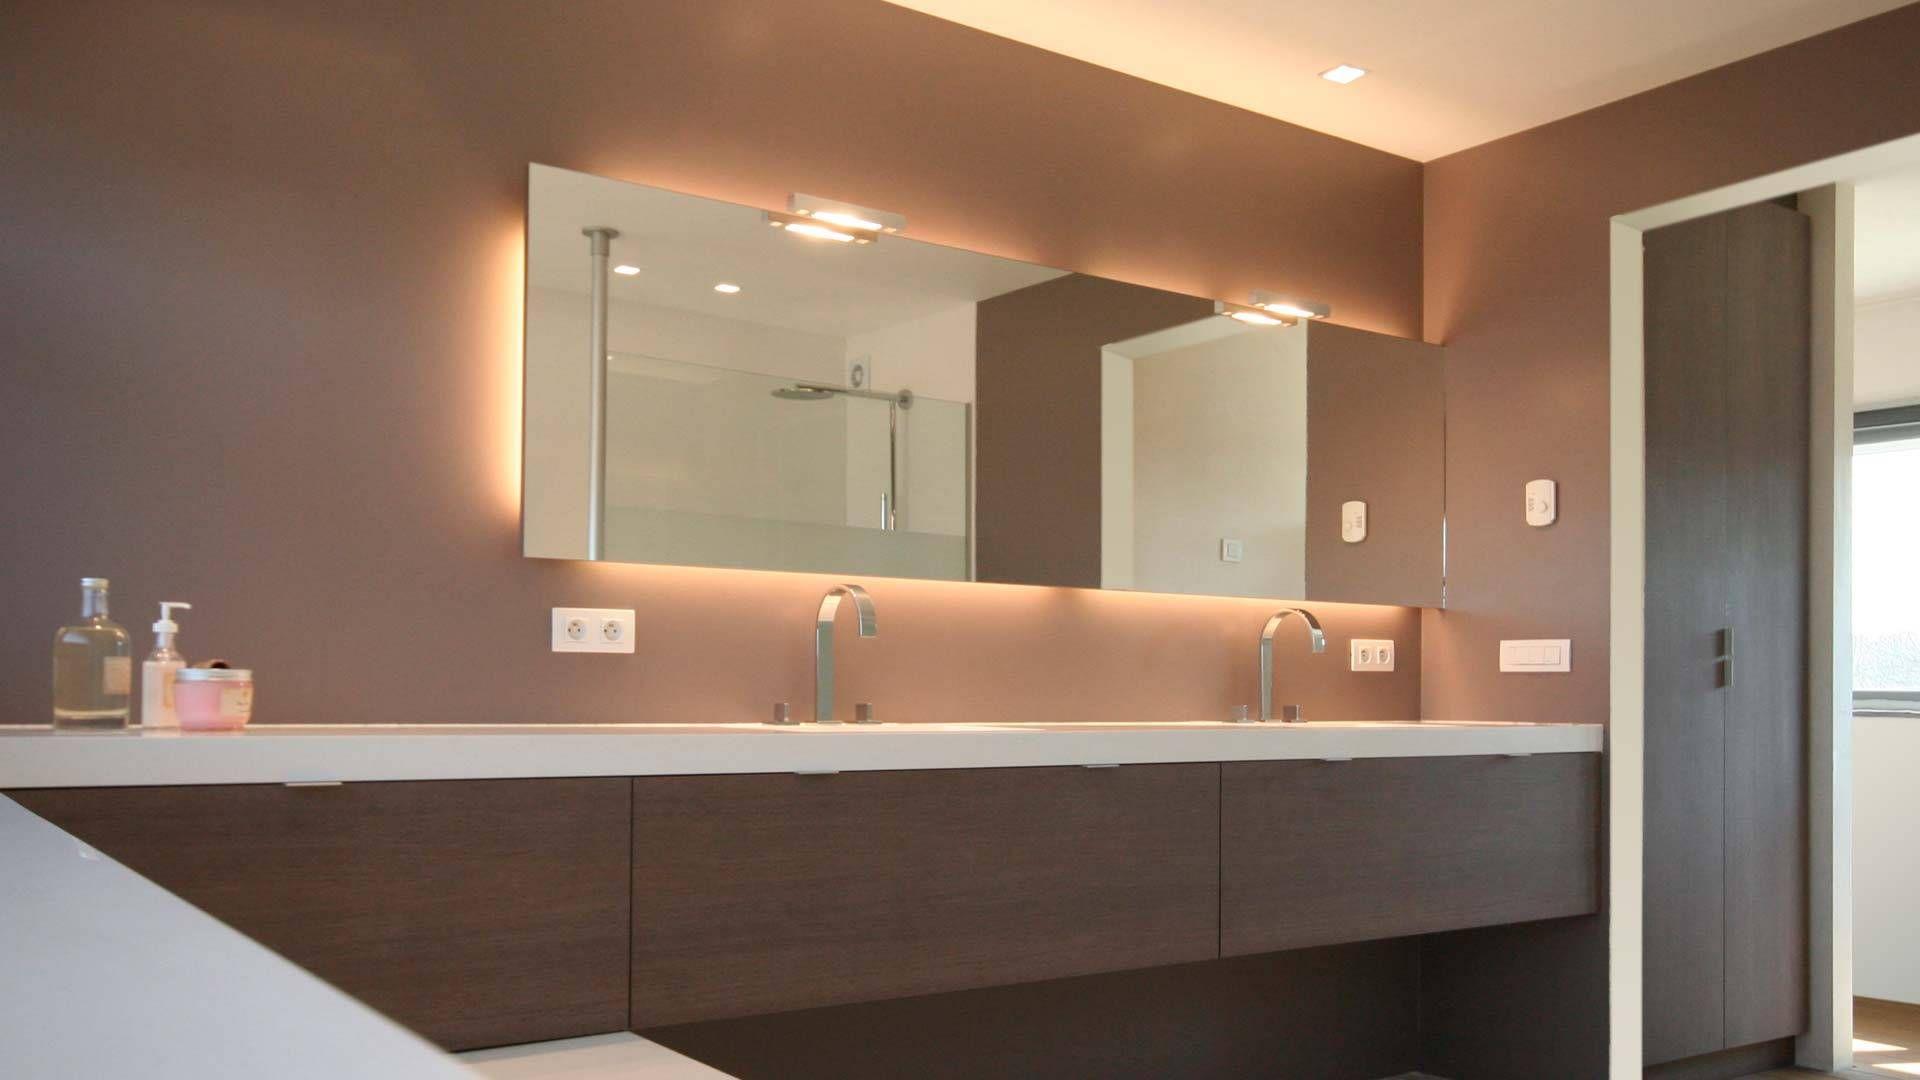 Badkamermeubel Op Maat : Badkamermeubel op maat half zwevend half op het bad rustend